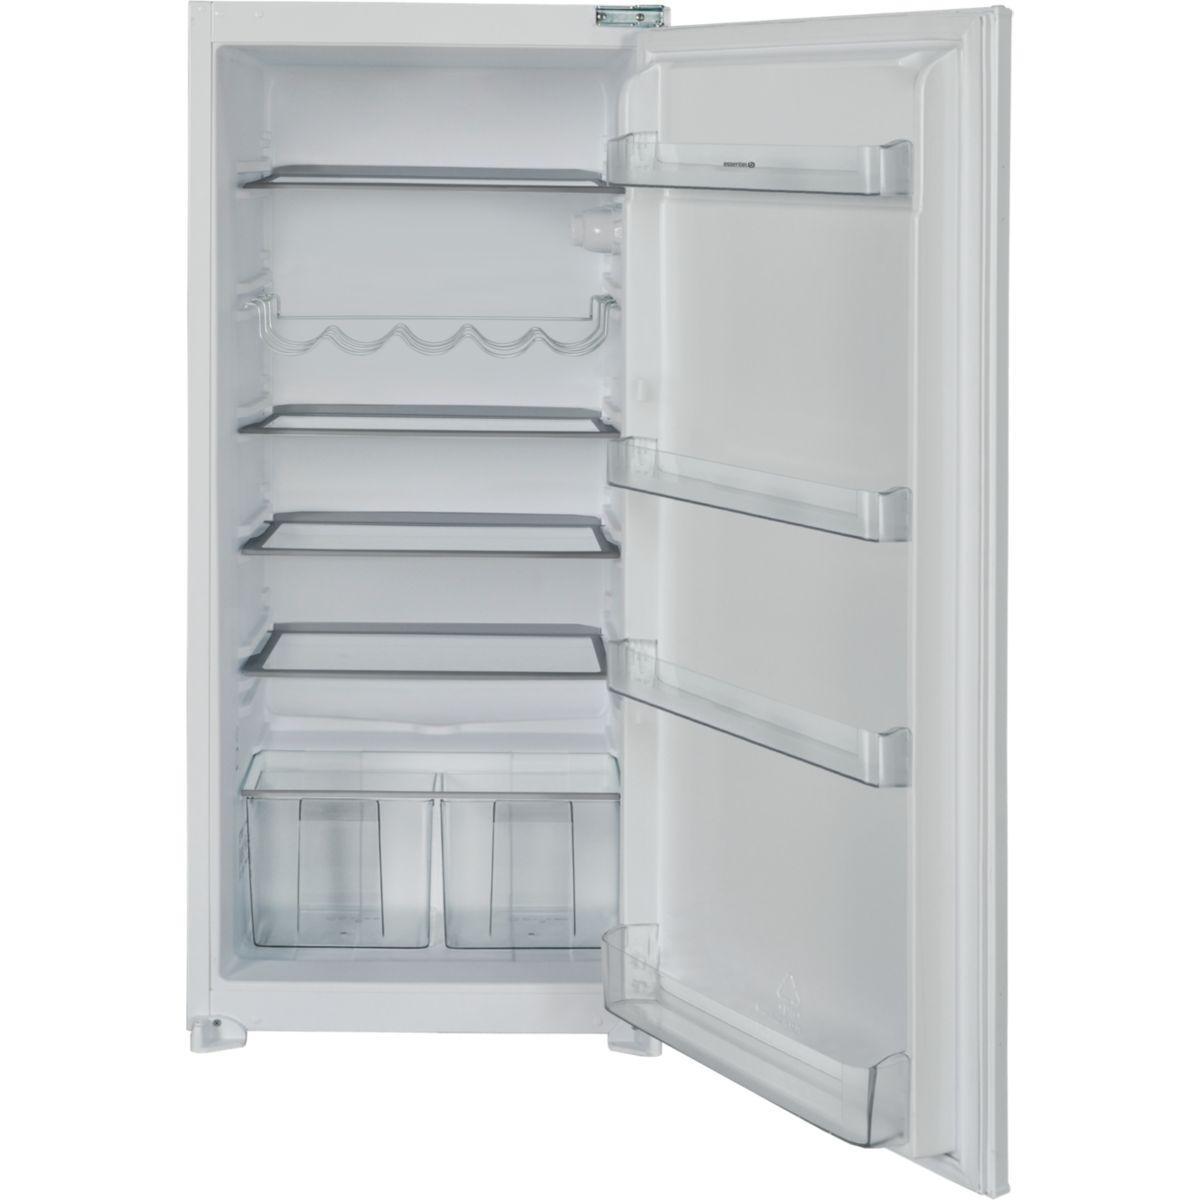 Réfrigérateur 1 porte encastrable ESSENTIELB ERLI 203